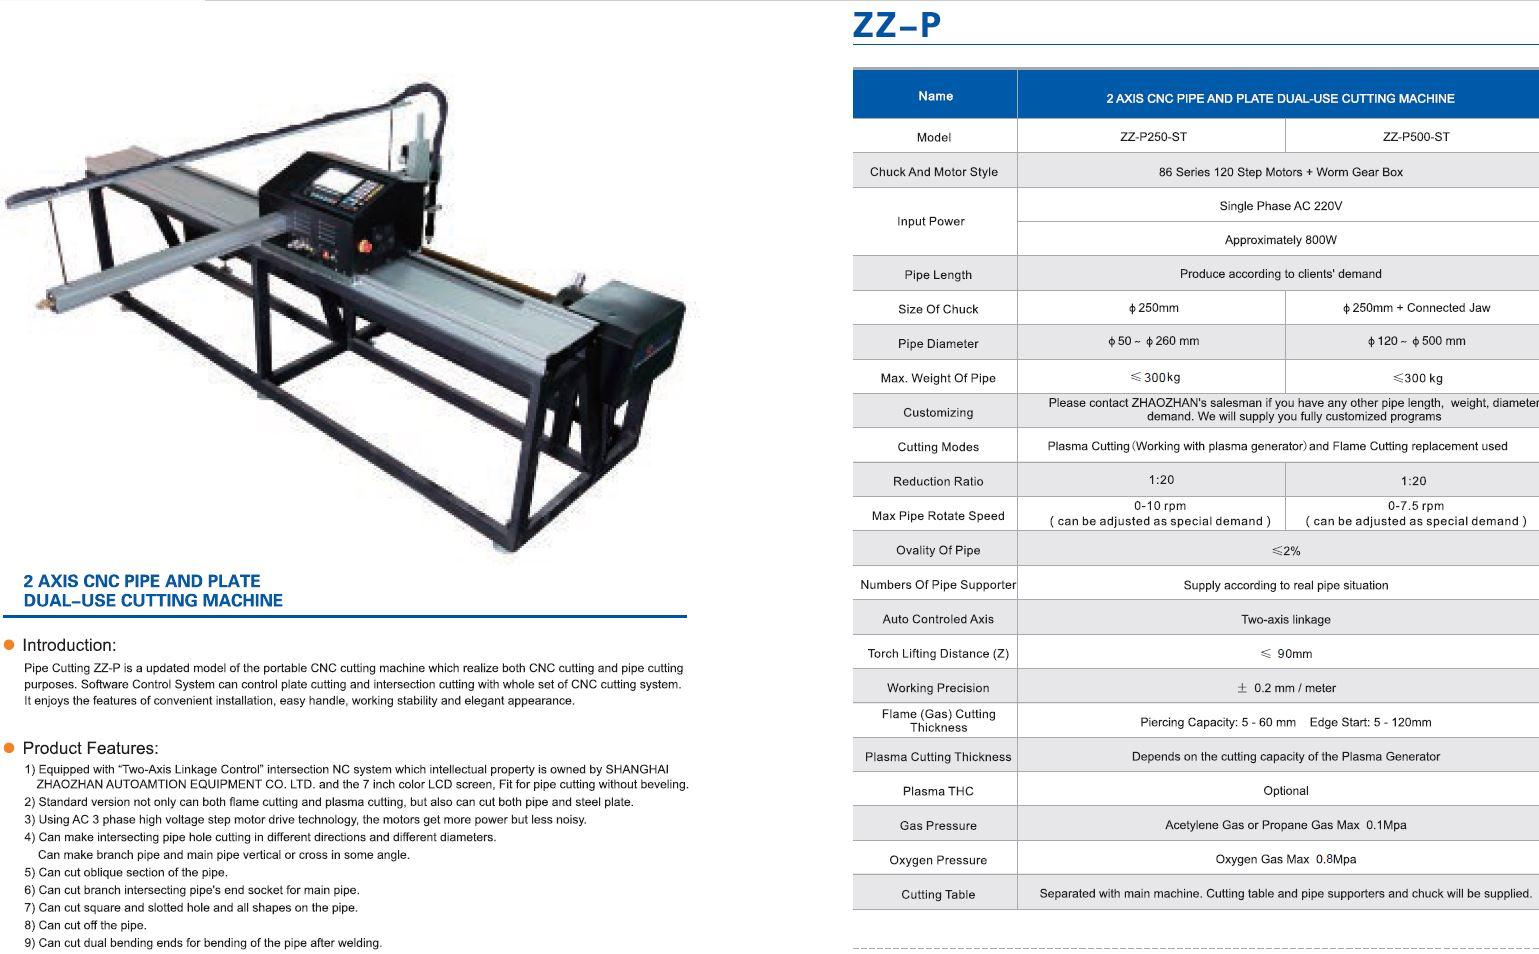 ZZ-P on taloudellinen putki ja levyplasma